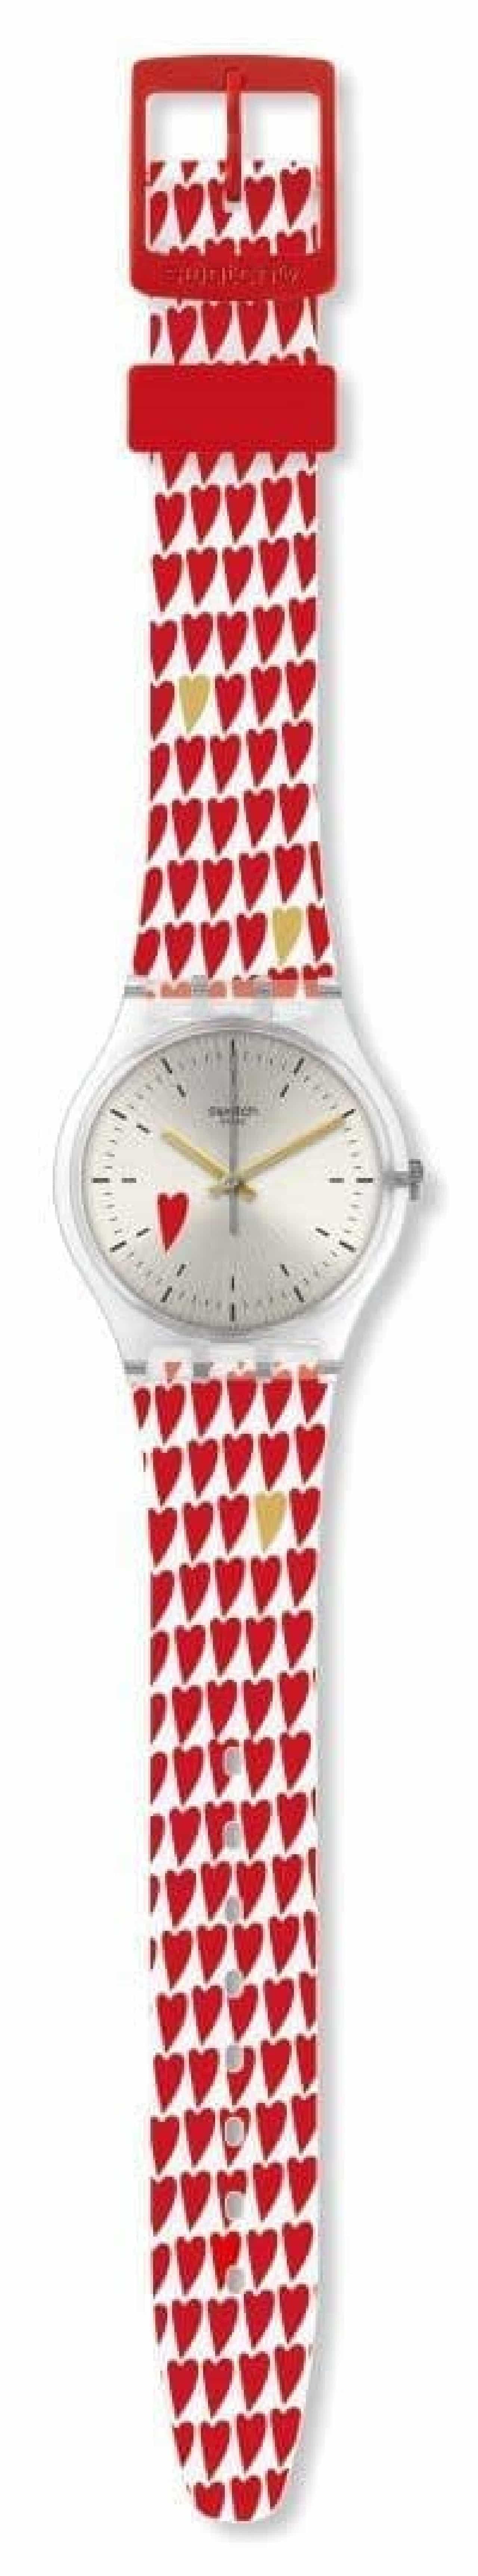 スウォッチからバレンタインモデル「HEARTY LOVE」